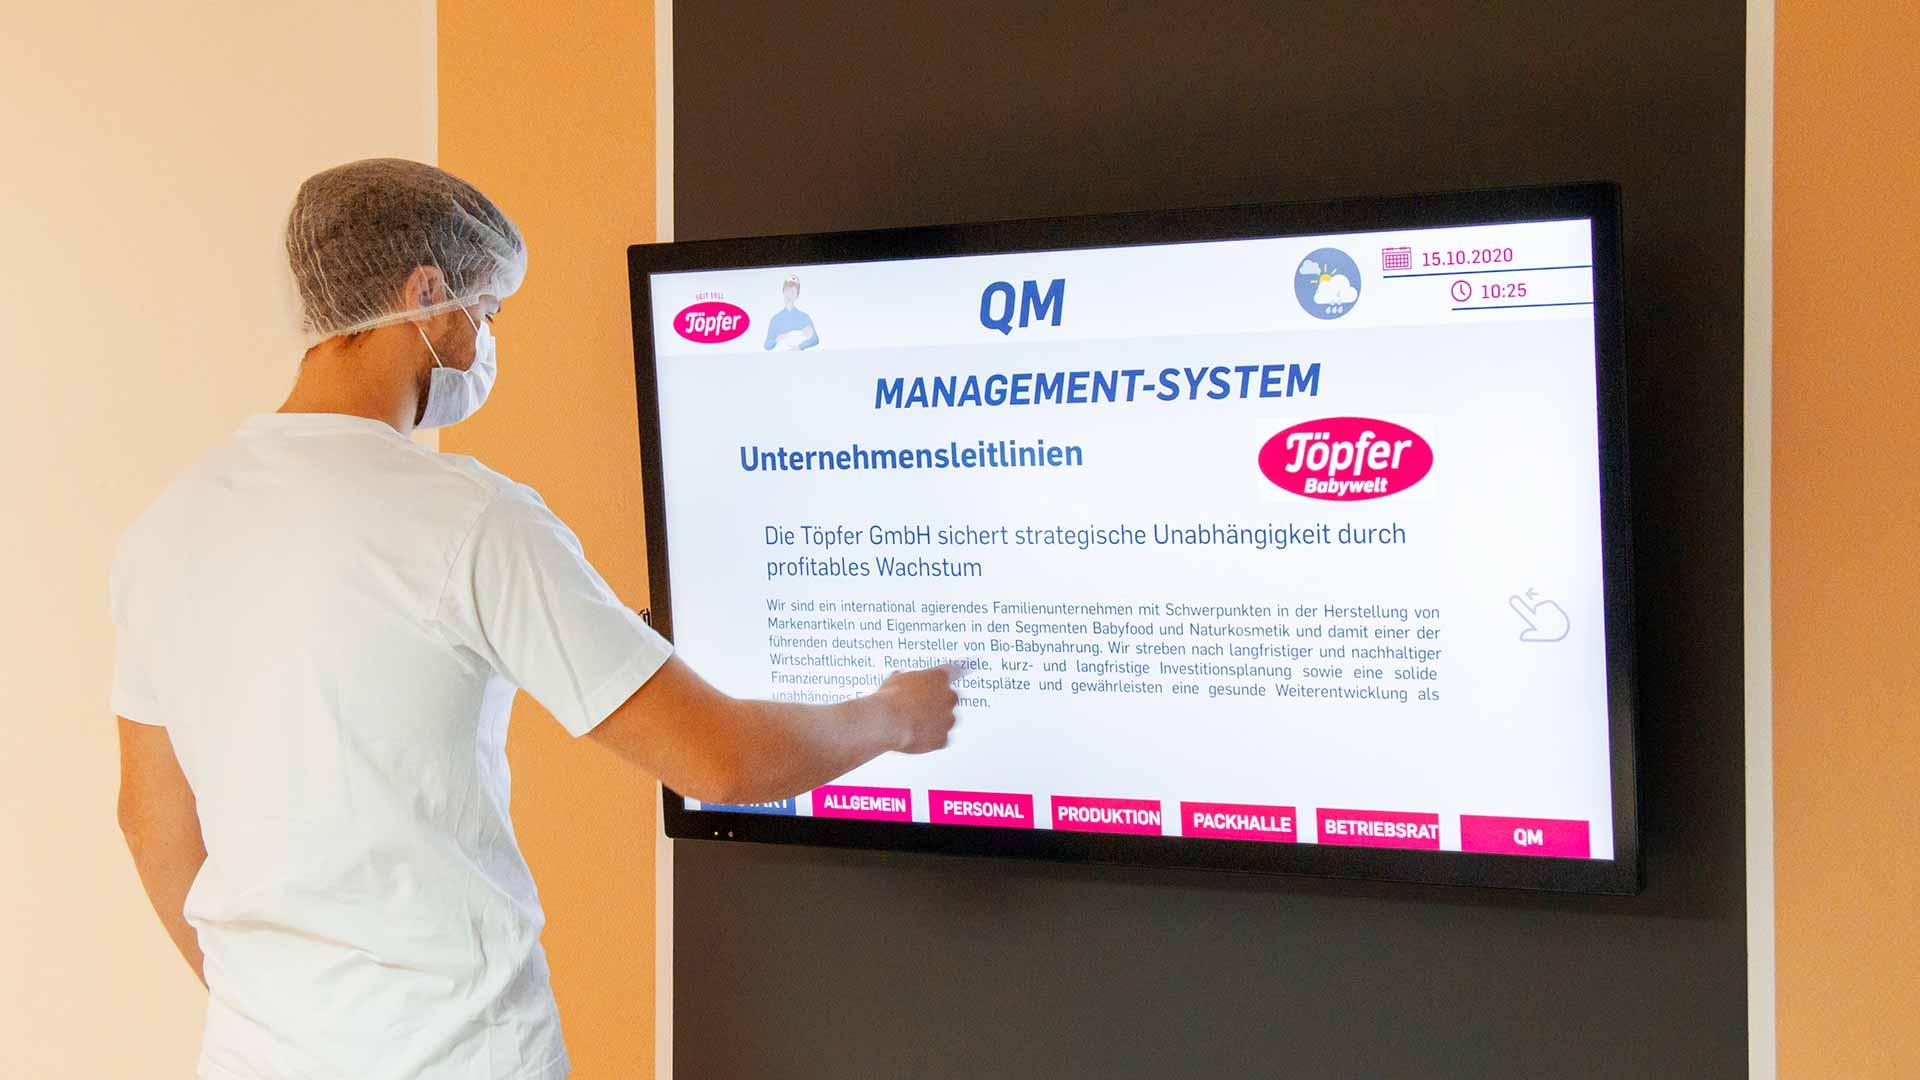 Mitarbeiter vor einem digitalen Infosystem, auch Digital Signage genannt. Mit Touch-Funktion.